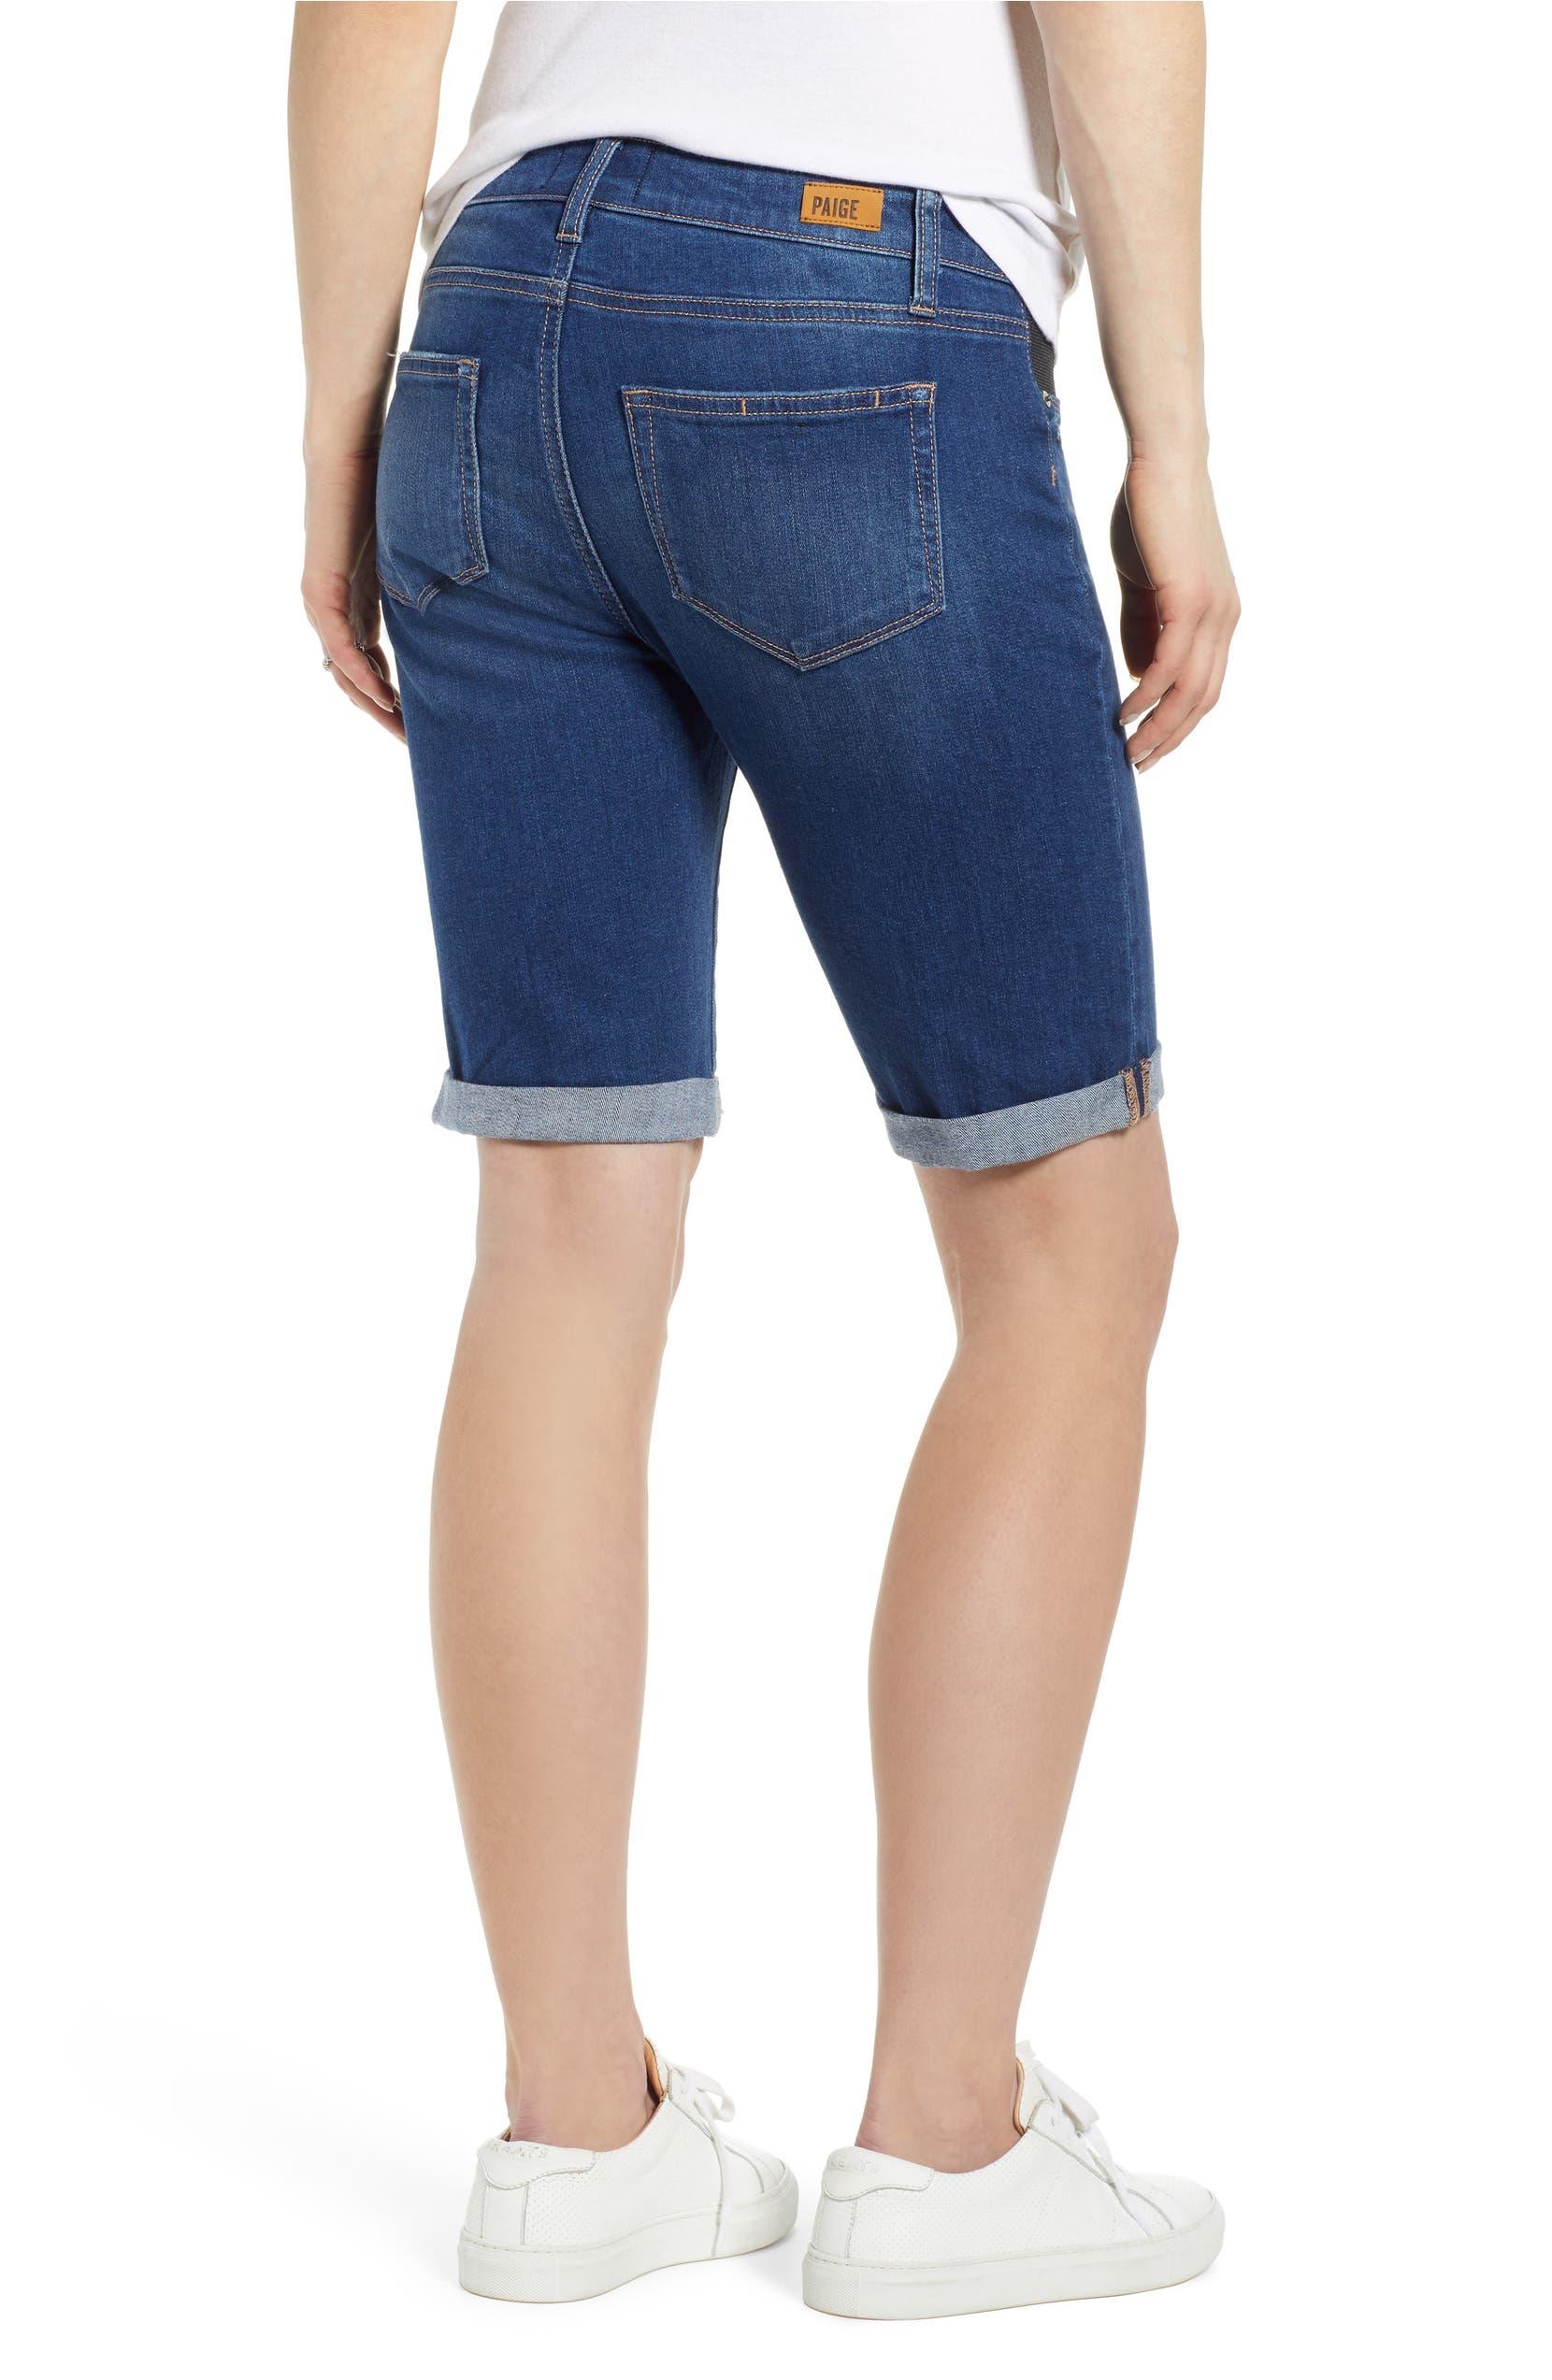 d2158d5d5b5f9 PAIGE Transcend Vintage - Jax Denim Maternity Shorts (Delmont) | Nordstrom